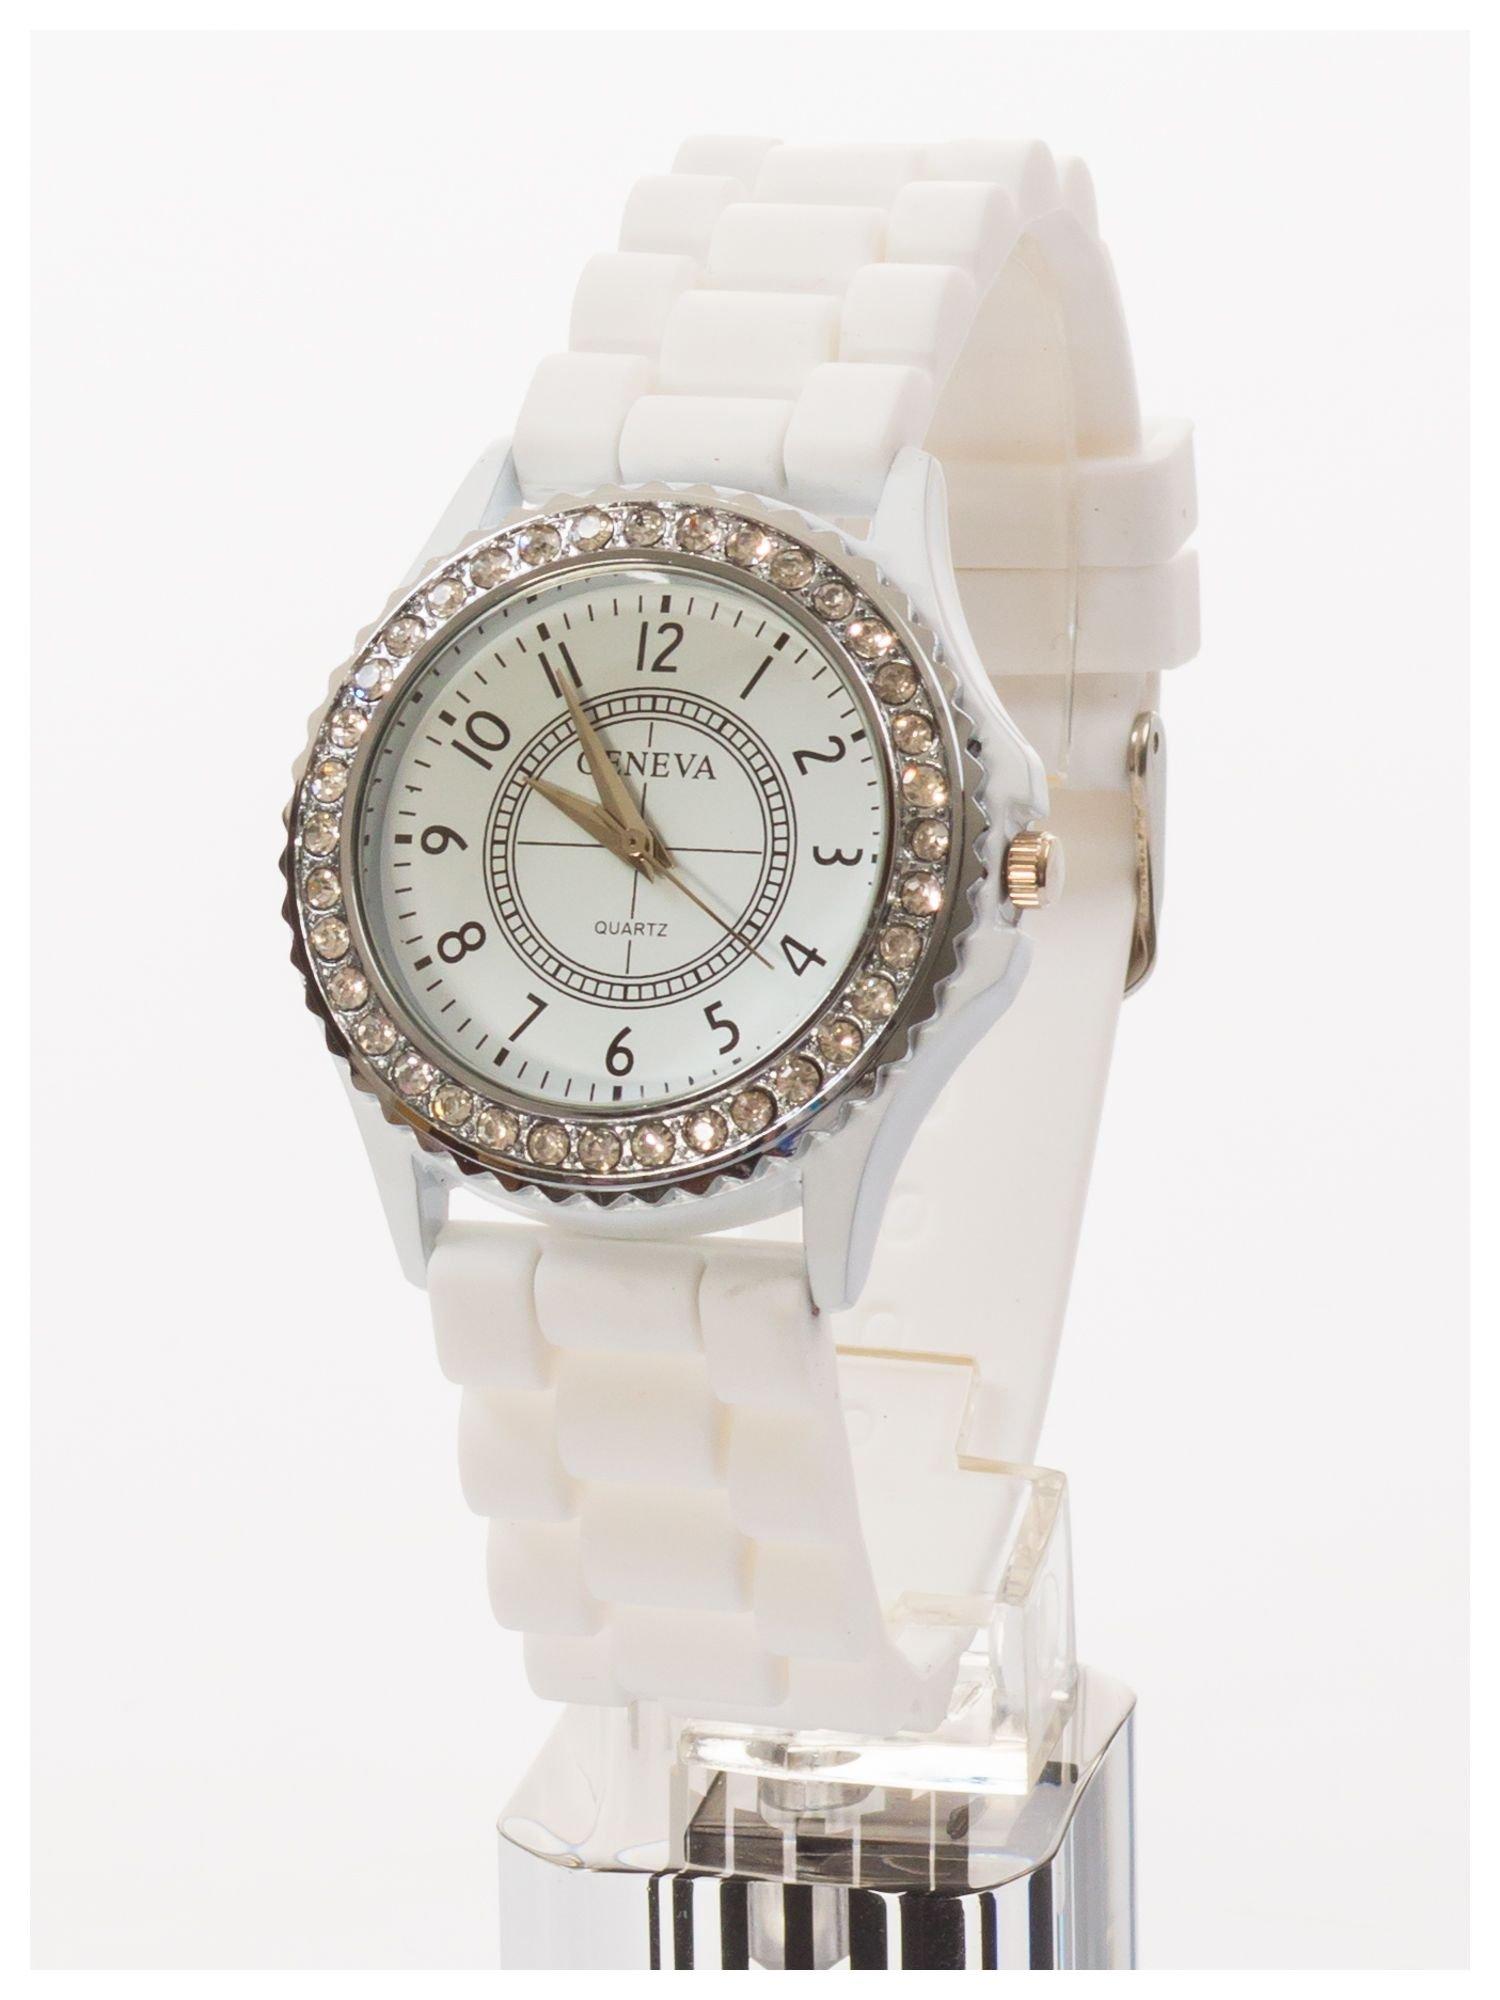 GENEVA Biały zegarek damski z cyrkoniami na silikonowym pasku                                  zdj.                                  2